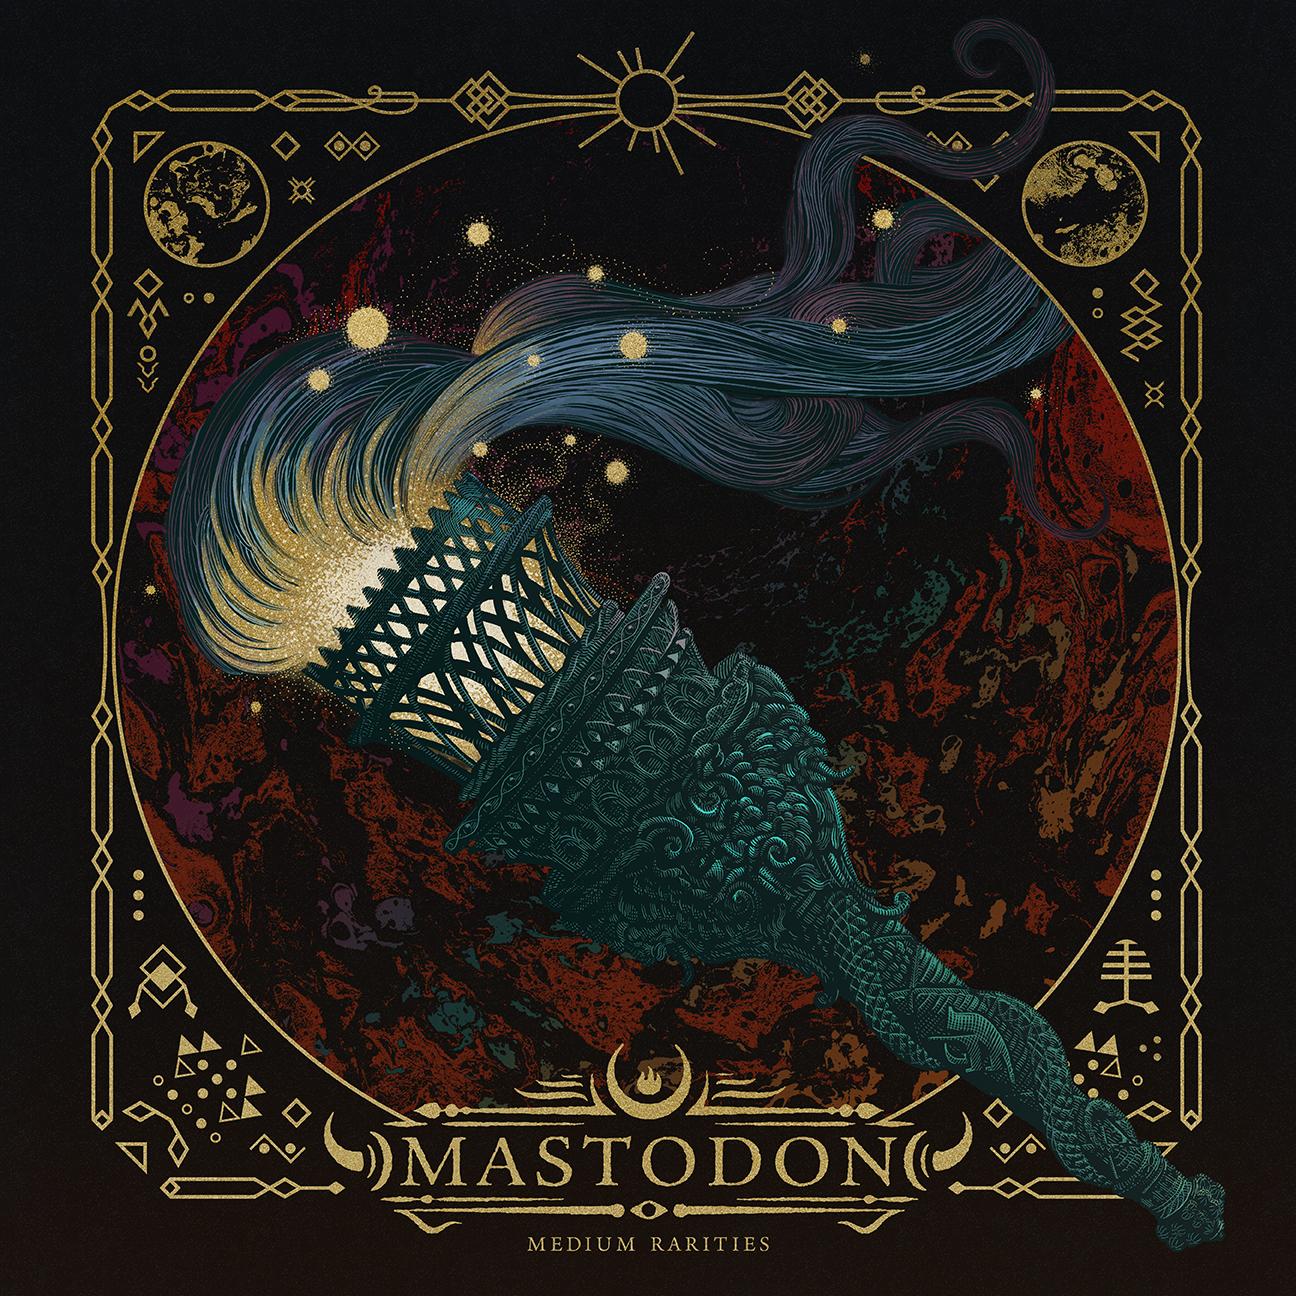 MASTODON veröffentlichen Raritäten-Sammlung